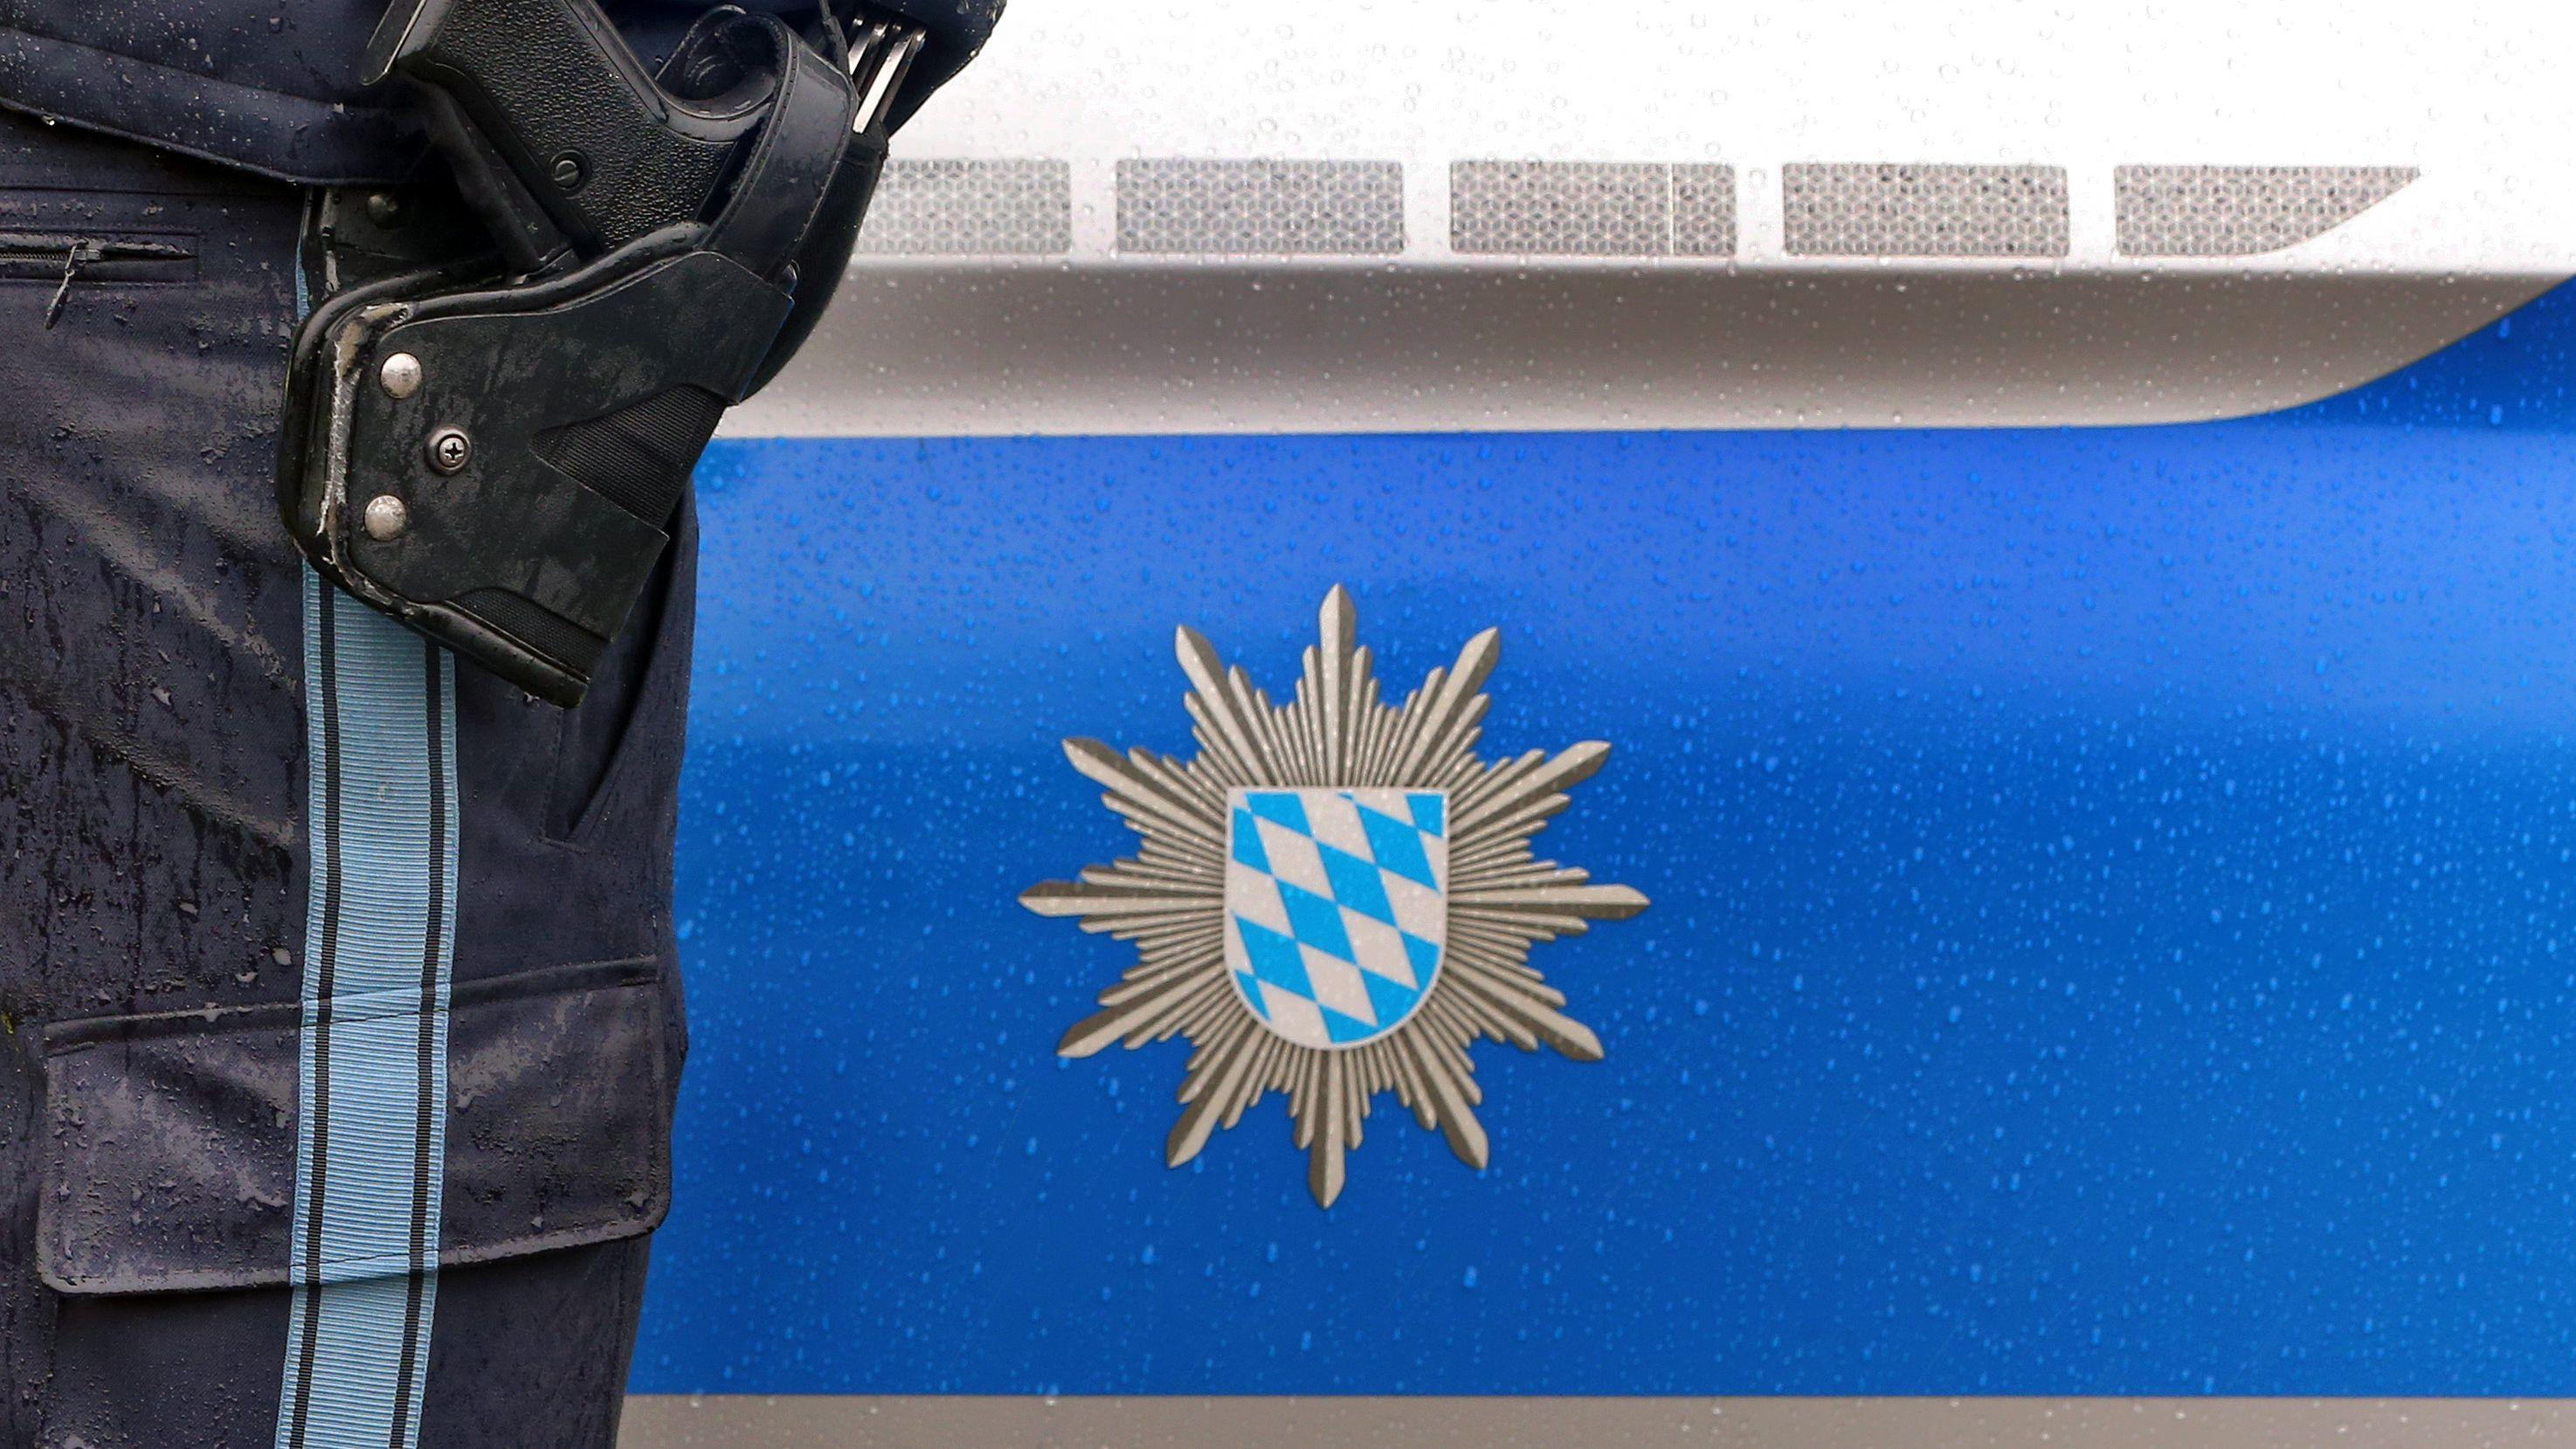 Symbolbild: Polizist und Polizeifahrzeug in Bayern